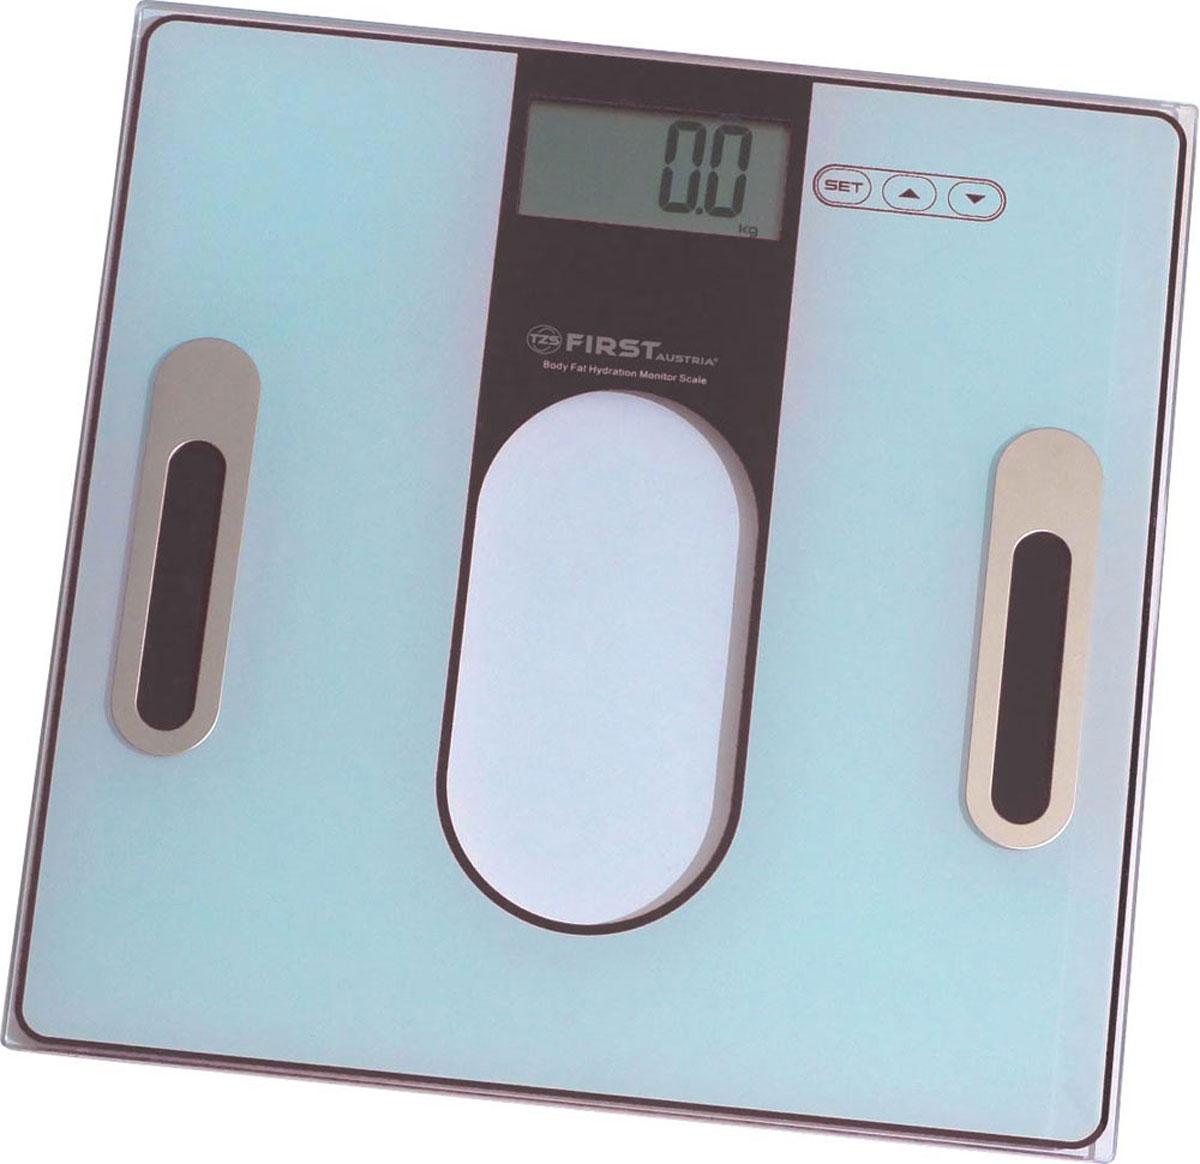 First 8006-2, Black весы напольныеFirst 8006-2, BlackСтильные напольные весы First 8006-2 помогут не только контролировать свой вес с точностью 100 грамм, но и станут еще одним атрибутом любого интерьера, так как имеют устойчивую и особо прочную стеклянную платформу. Корпус весов сверхтонкий, на нем расположен удобный жидкокристаллический дисплей с диагональю 1,4. Весы имеют функцию памяти на 12 пользователей.